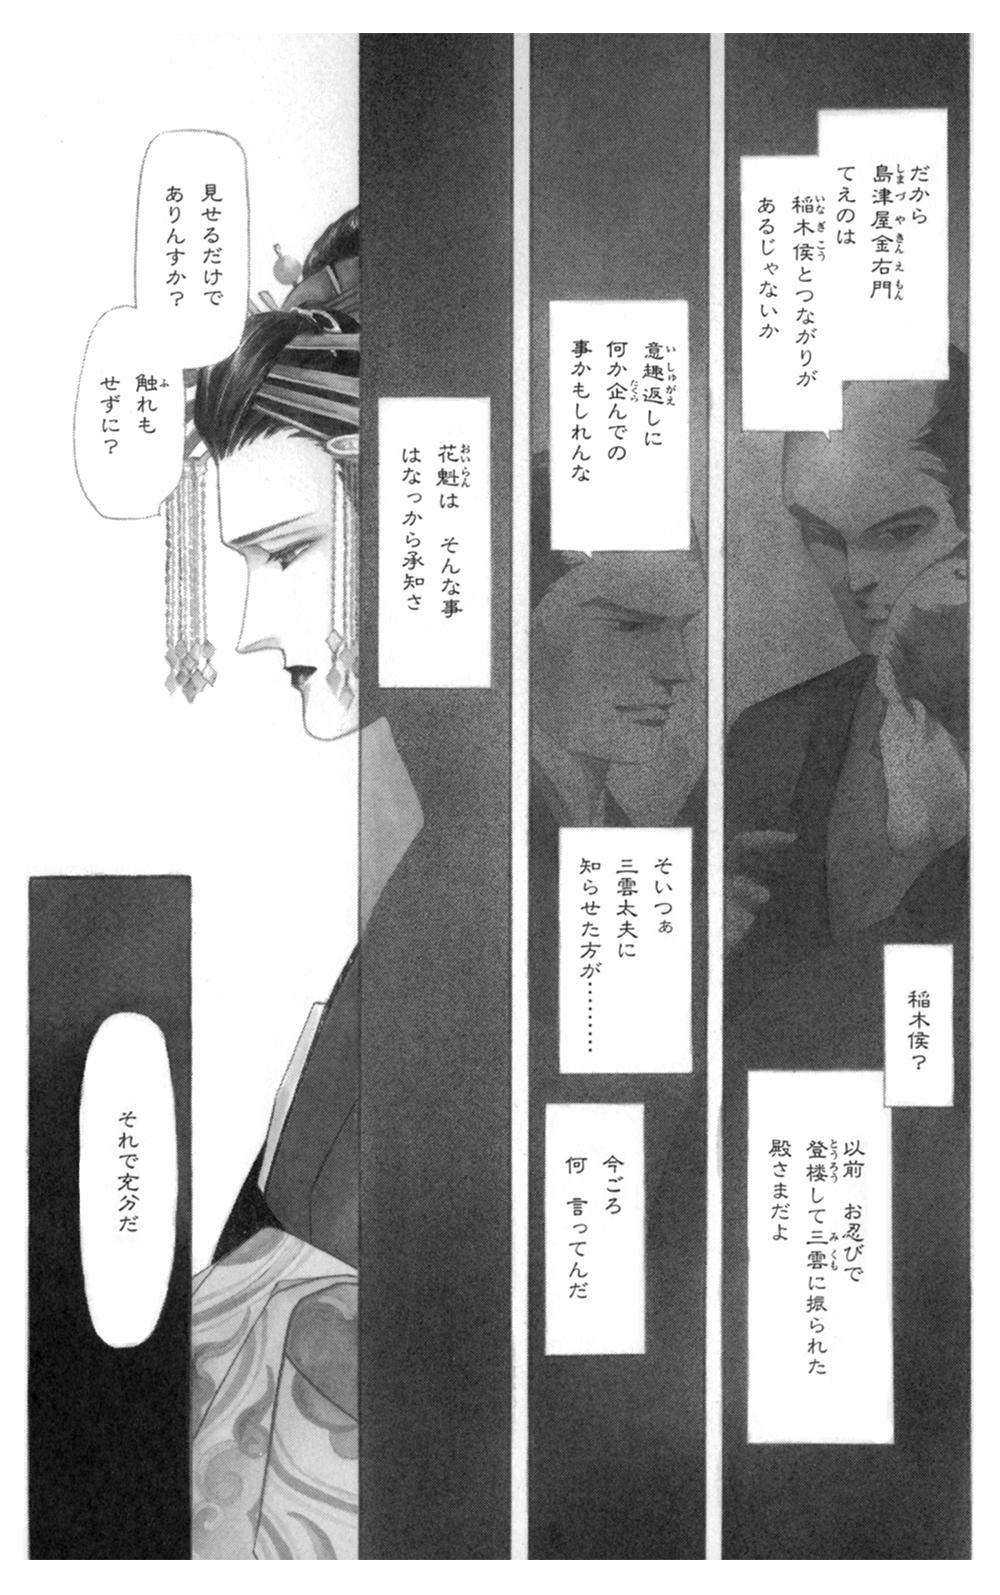 雨柳堂夢咄 第5話「花に暮れる」①uryudo01-117.jpg